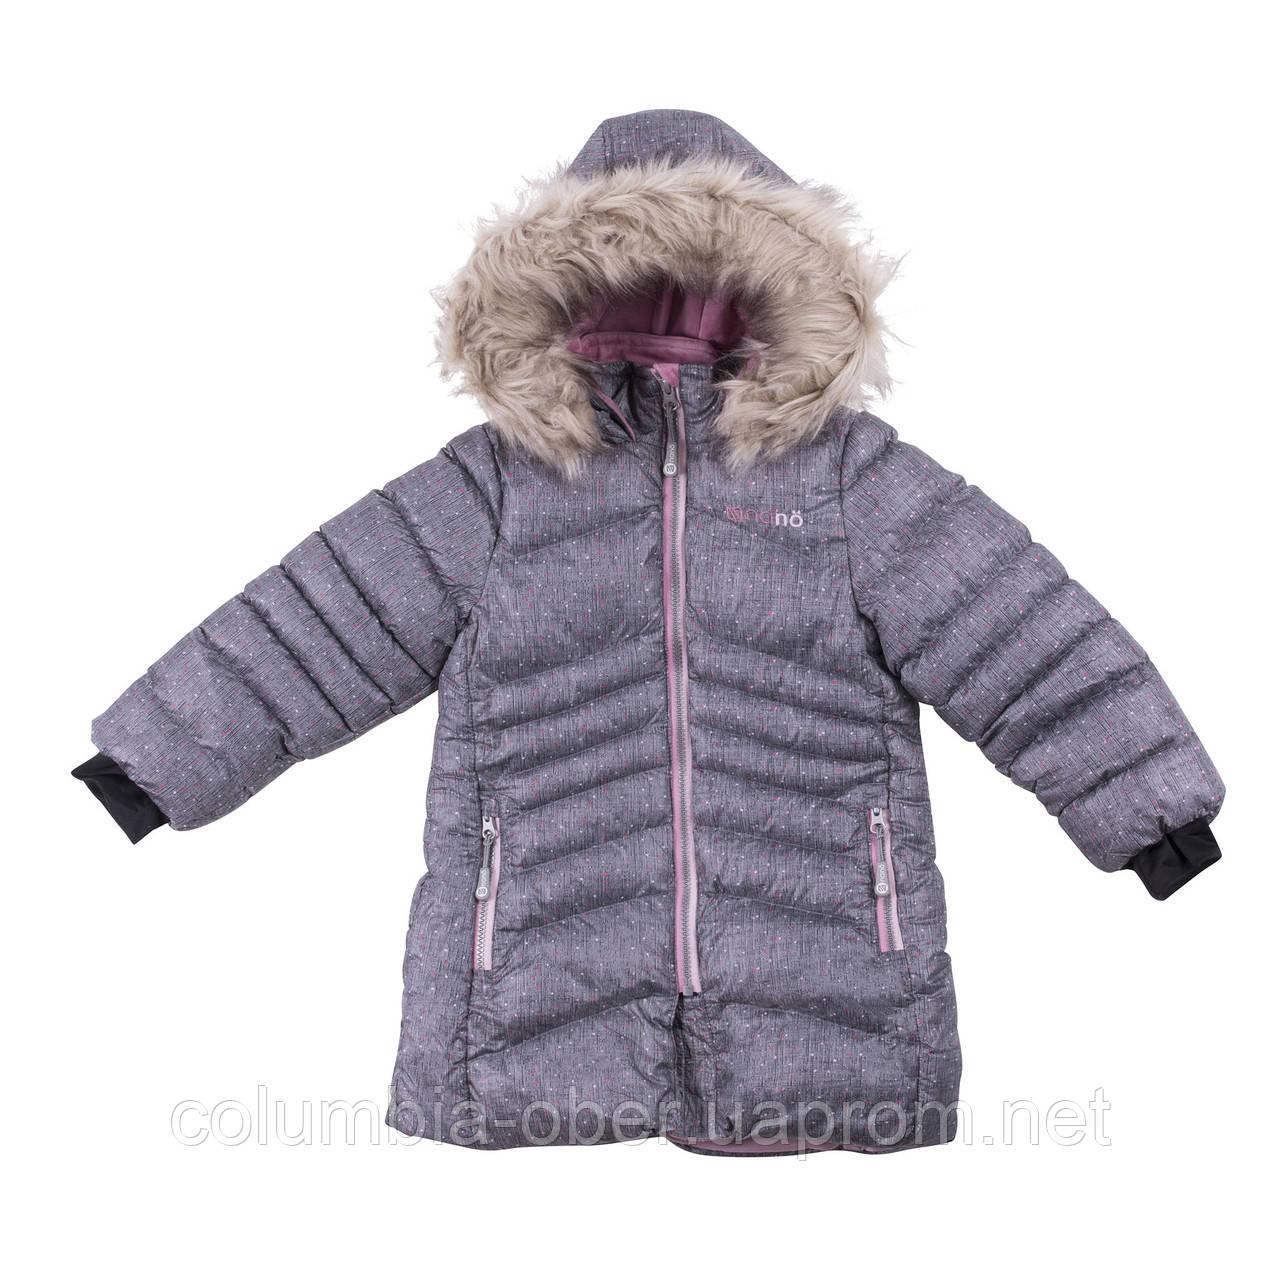 Зимнее пальто для девочки NANO F18 M 1252 Gray Mix Confetti. Размеры 4, 5 и 6.